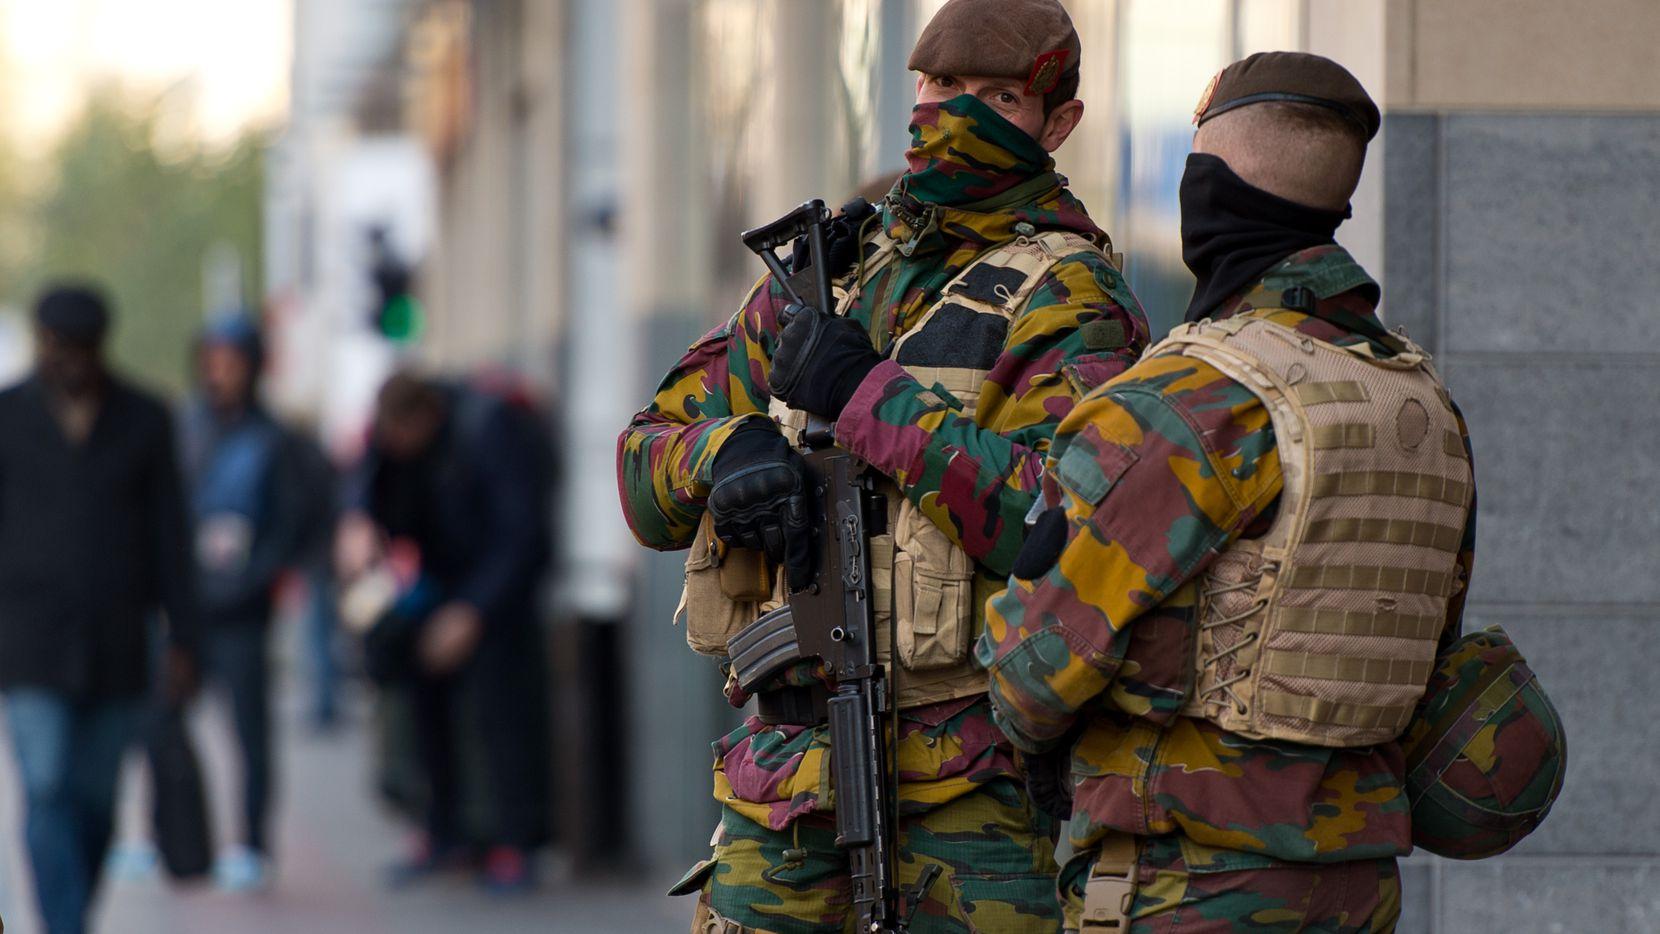 Европа забыла, что паника — самый опасный враг